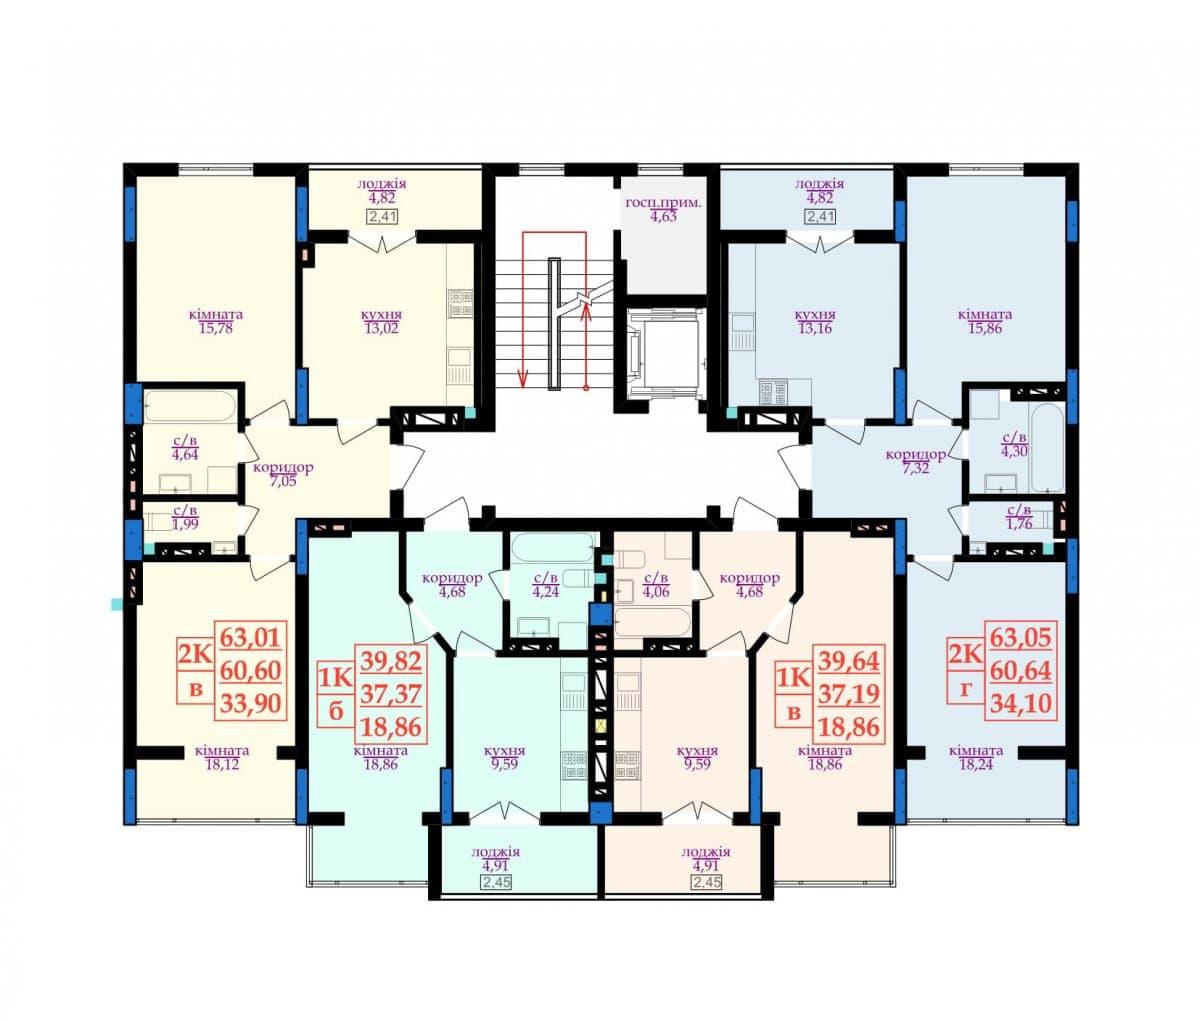 1 під'їзд: Планування квартир